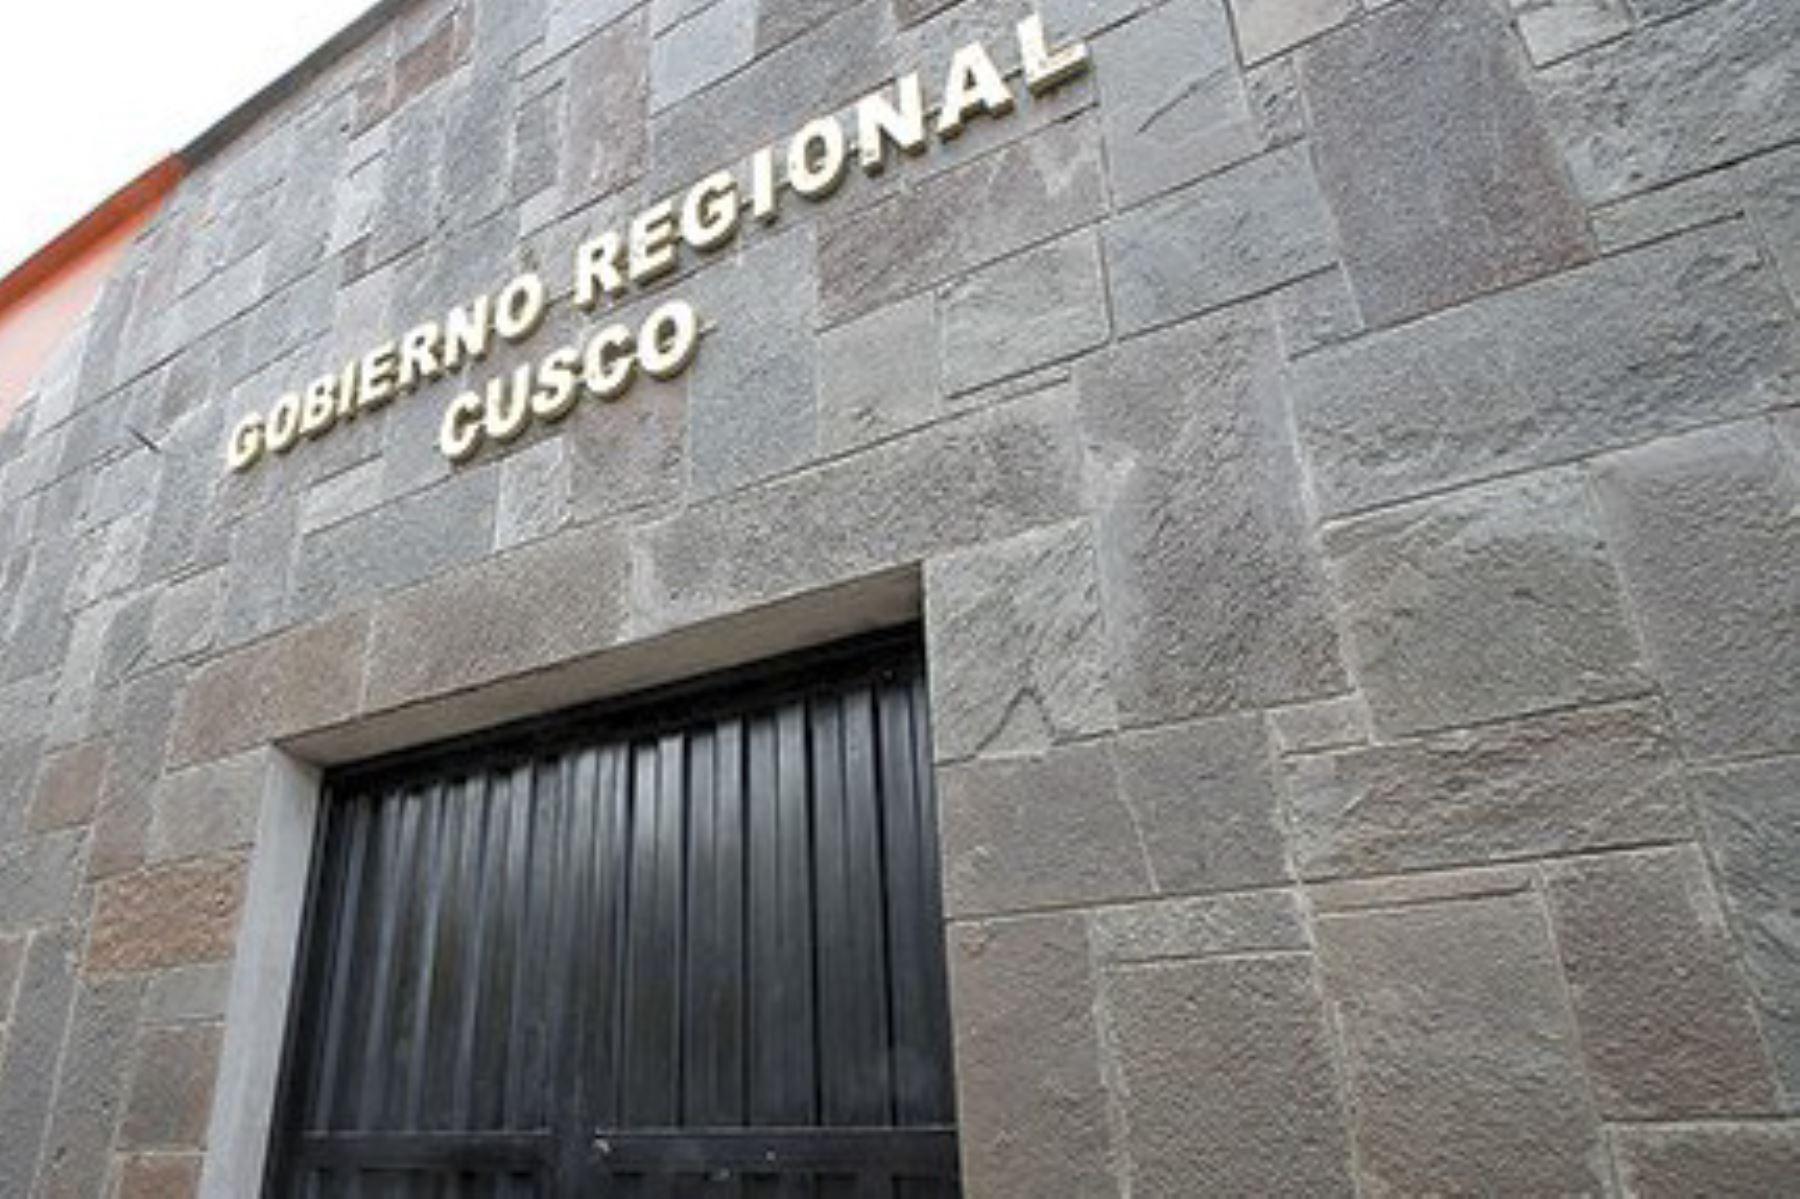 """La elección del nuevo gobernador regional de Cusco se decidiría en segunda vuelta, dado que ninguno de los postulantes logró el 30% de los votos que establece la Ley de Elecciones Regionales para ser proclamado como ganador, según los sondeos efectuados """"a boca de urna"""" por la encuestadora Ipsos."""